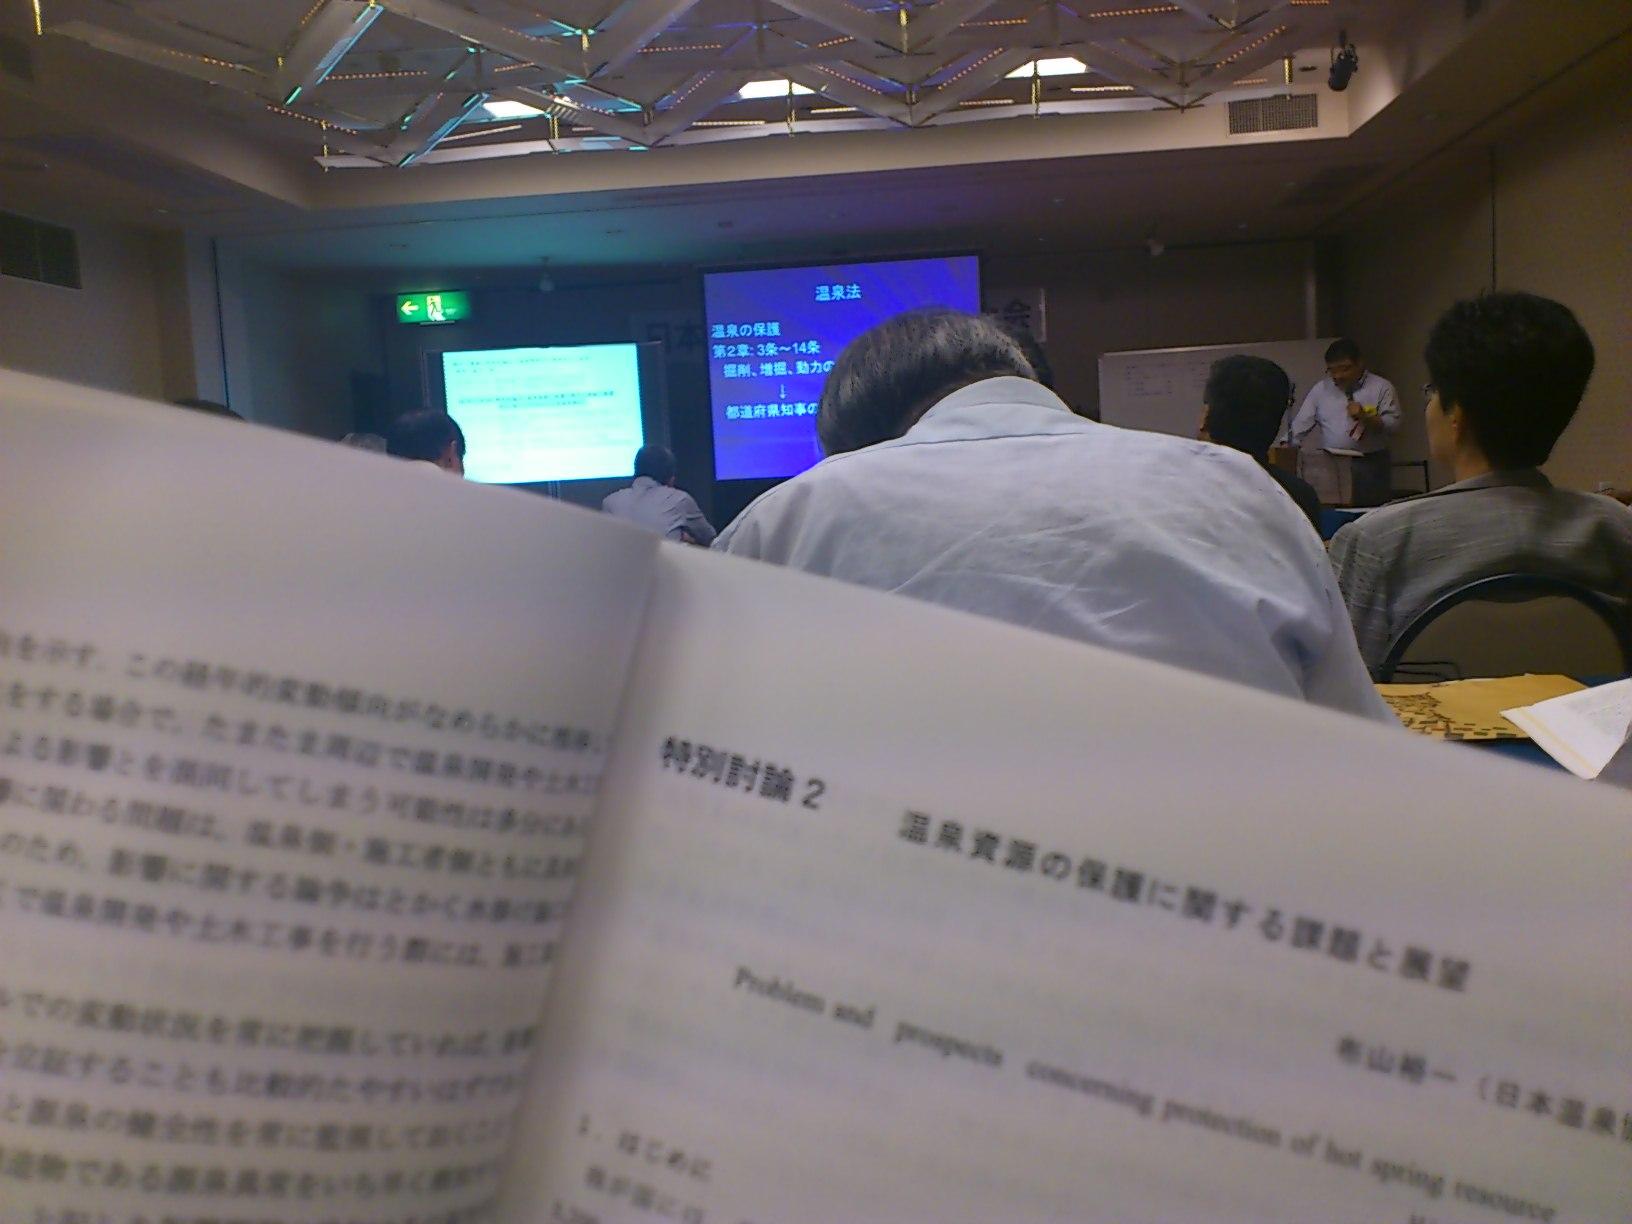 日本温泉科学会・特別討論会に出席中